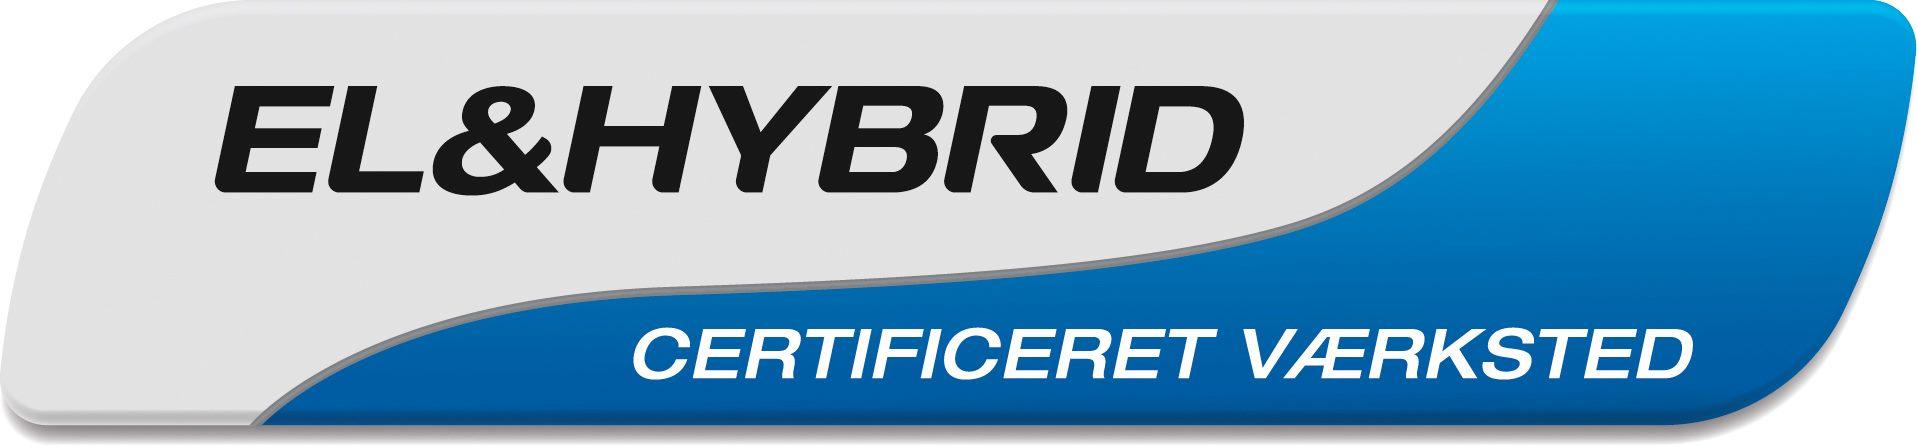 Autogaarden herning er el og hybrid certificeret værksted